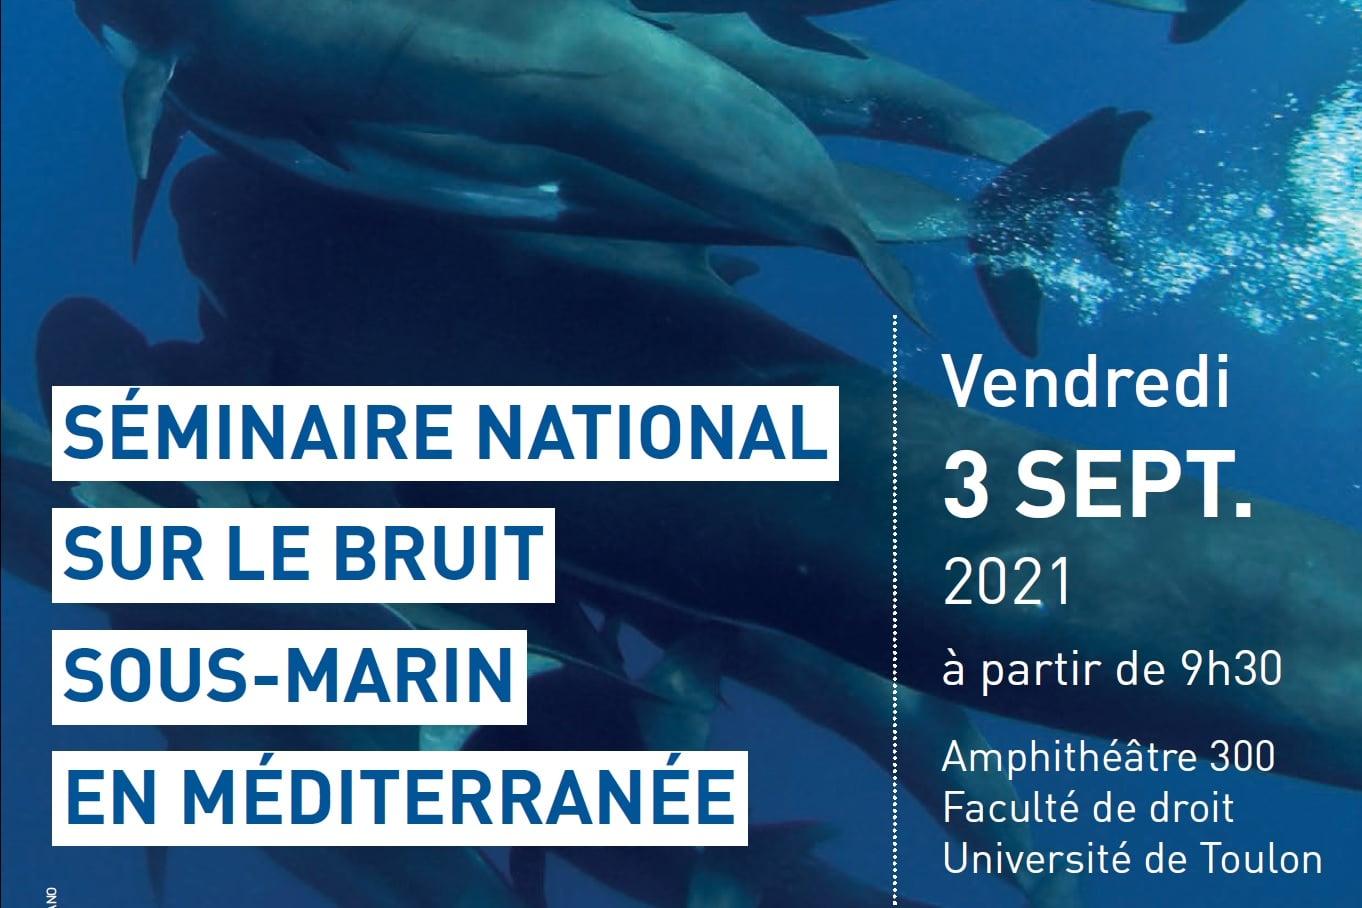 Séminaire national sur le bruit sous-marin en Méditerranée